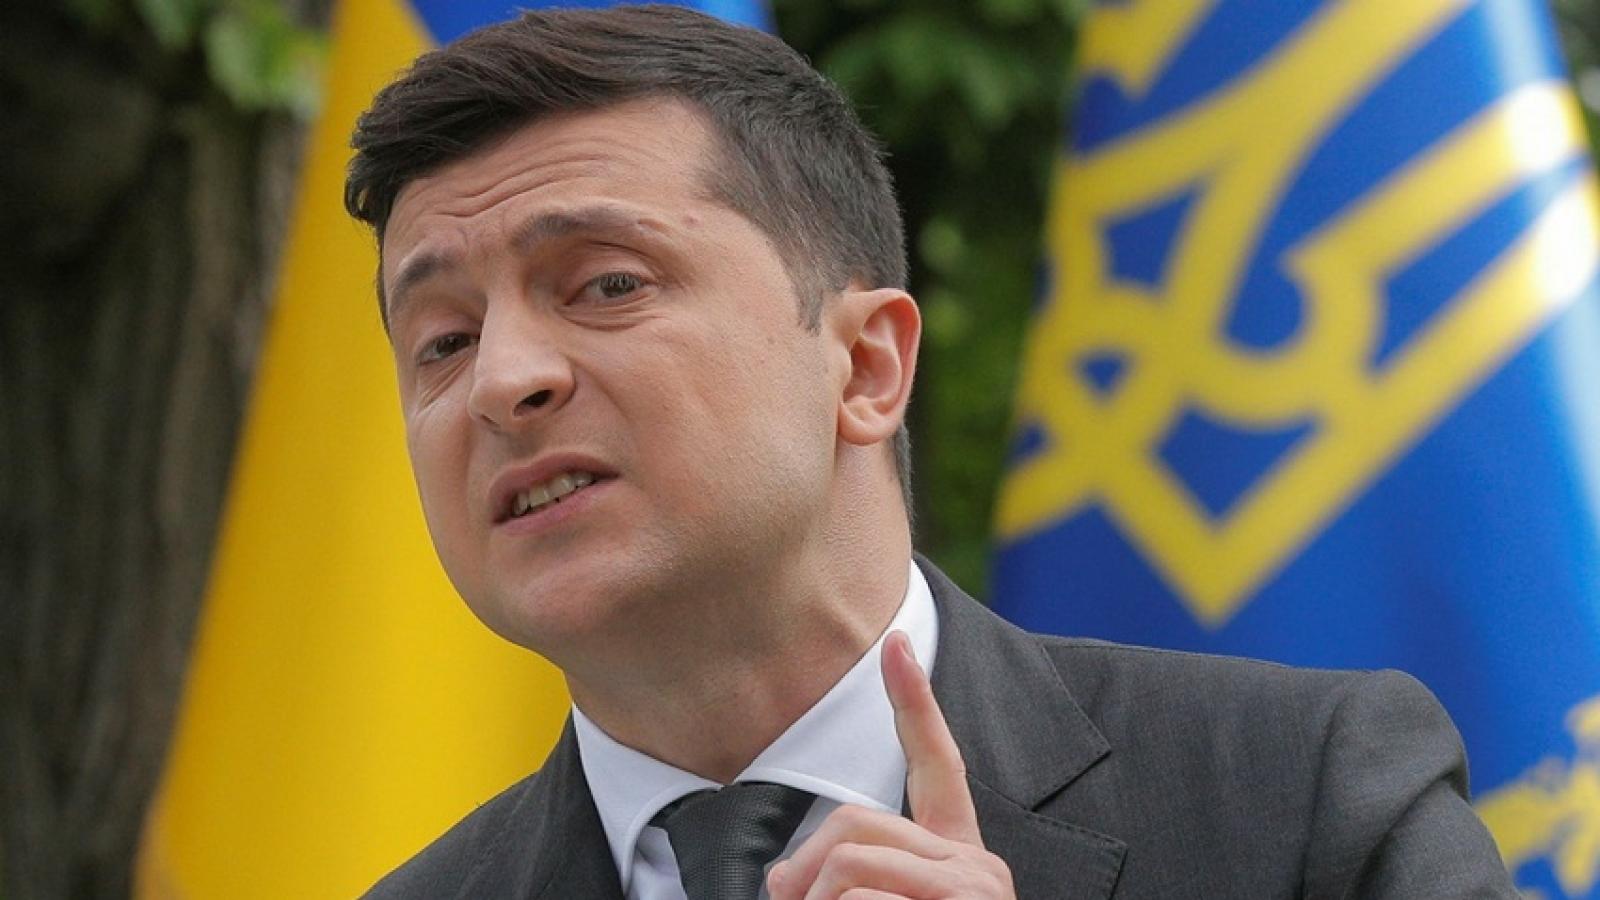 Tổng thống Zelensky đề xuấtmột hình thức đàm phán mới về vấn đề Ukraine